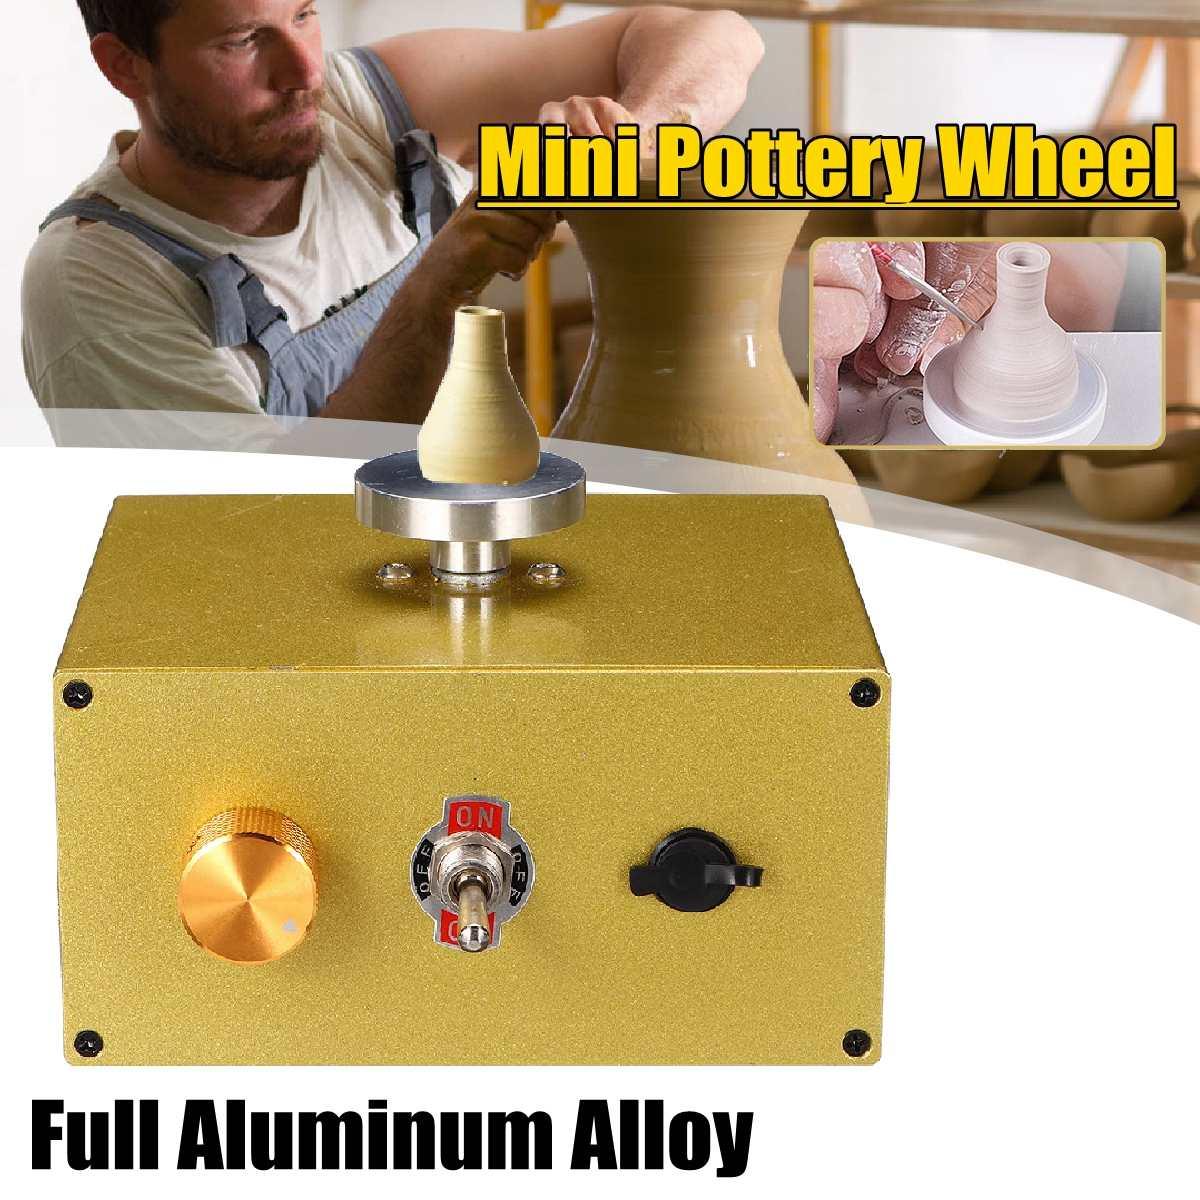 Nouvelle roue en aluminium mini poterie 4.5cm bouton de plaque tournante changement de vitesse en continu machine en céramique tirer machine enfichable